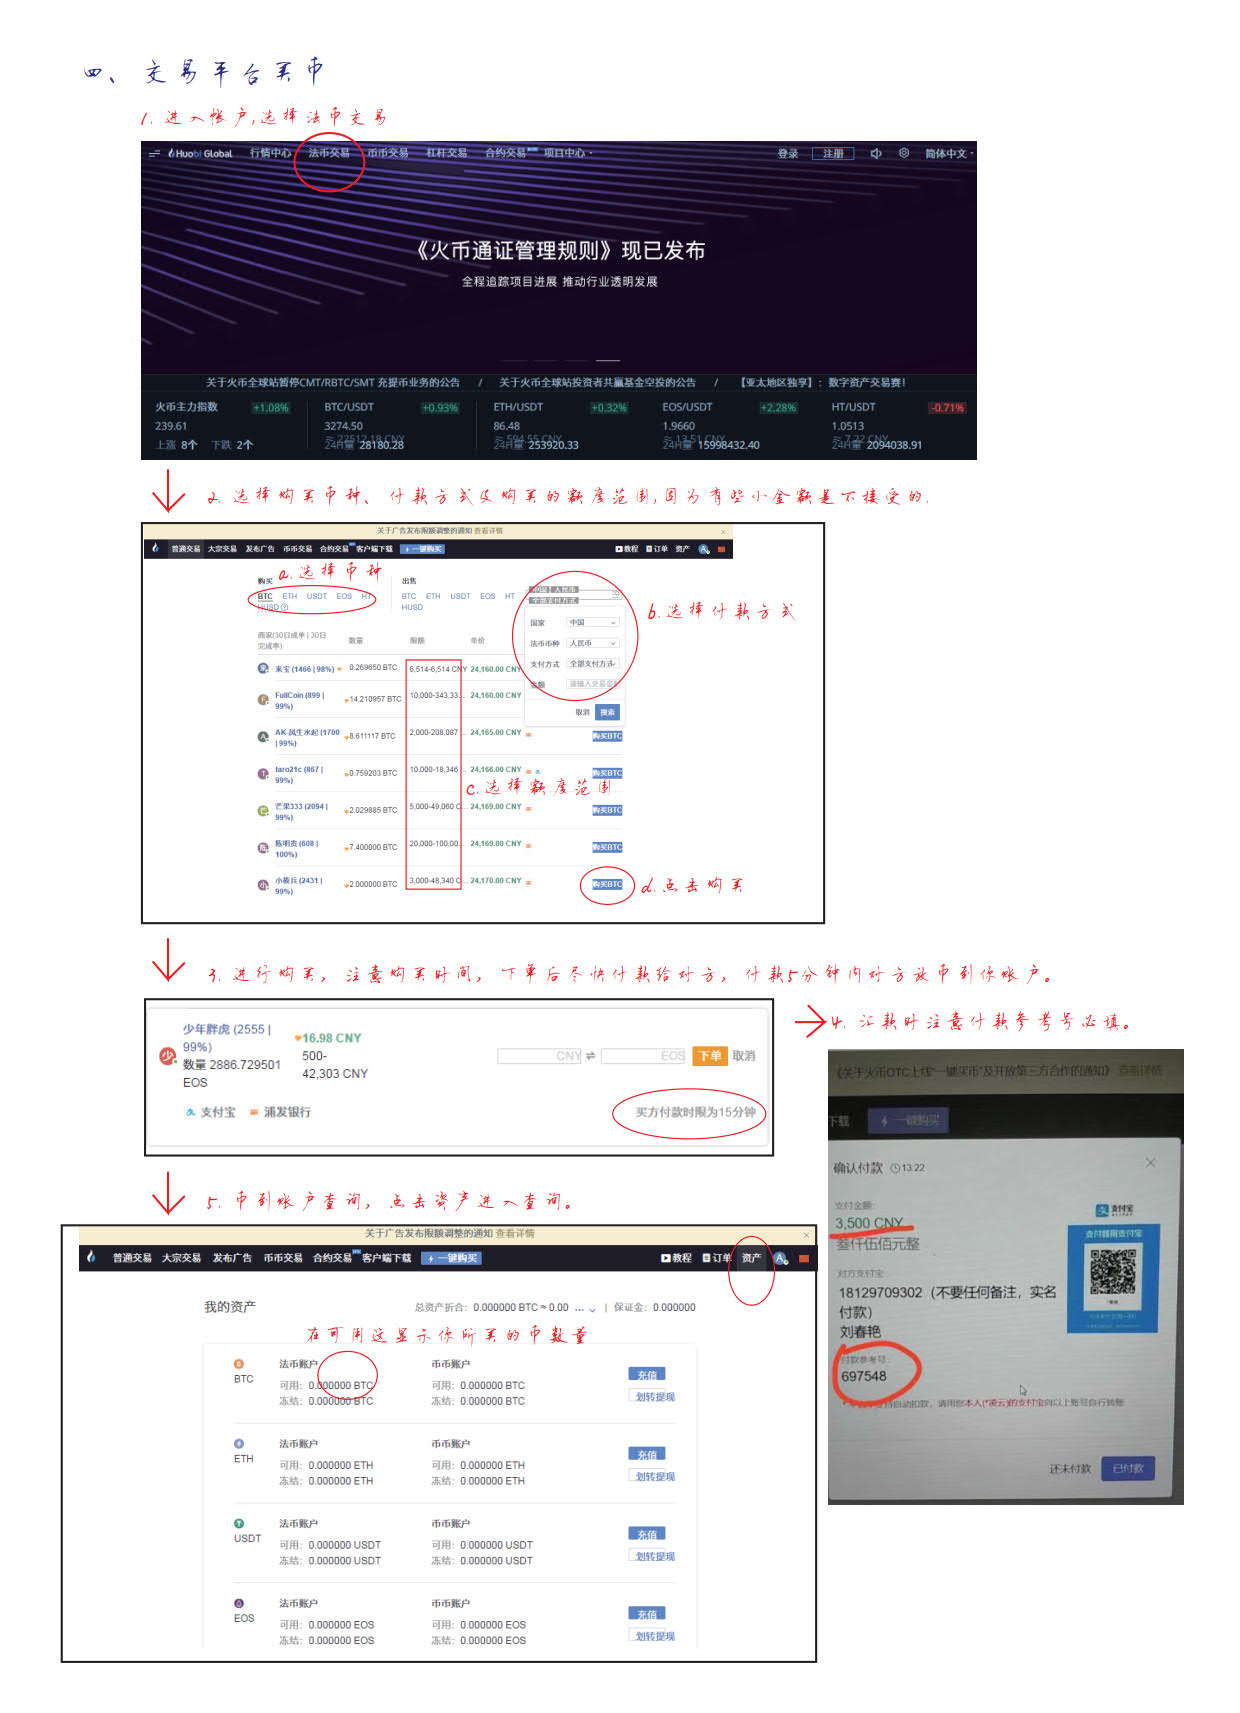 PLUS的注册-买币-卖币等流程_4.jpg